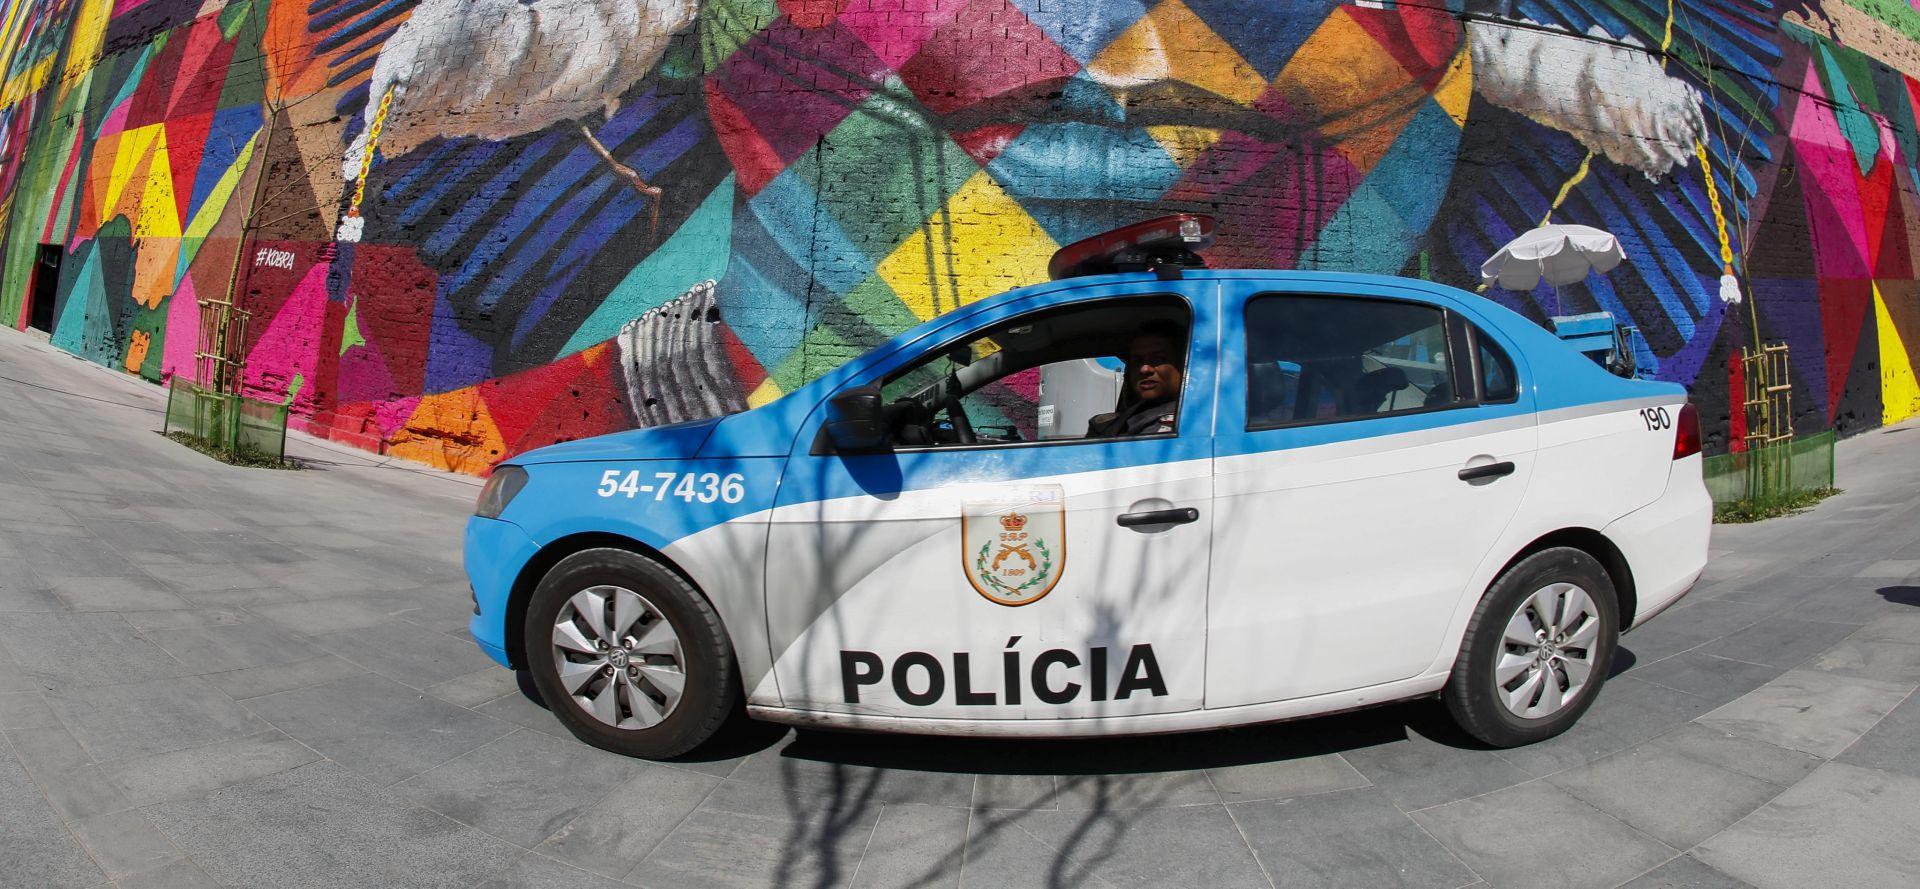 SMANJENJE KRIMINALA: Rio zatražio da savezne snage sigurnosti ostanu i nakon Olimpijade